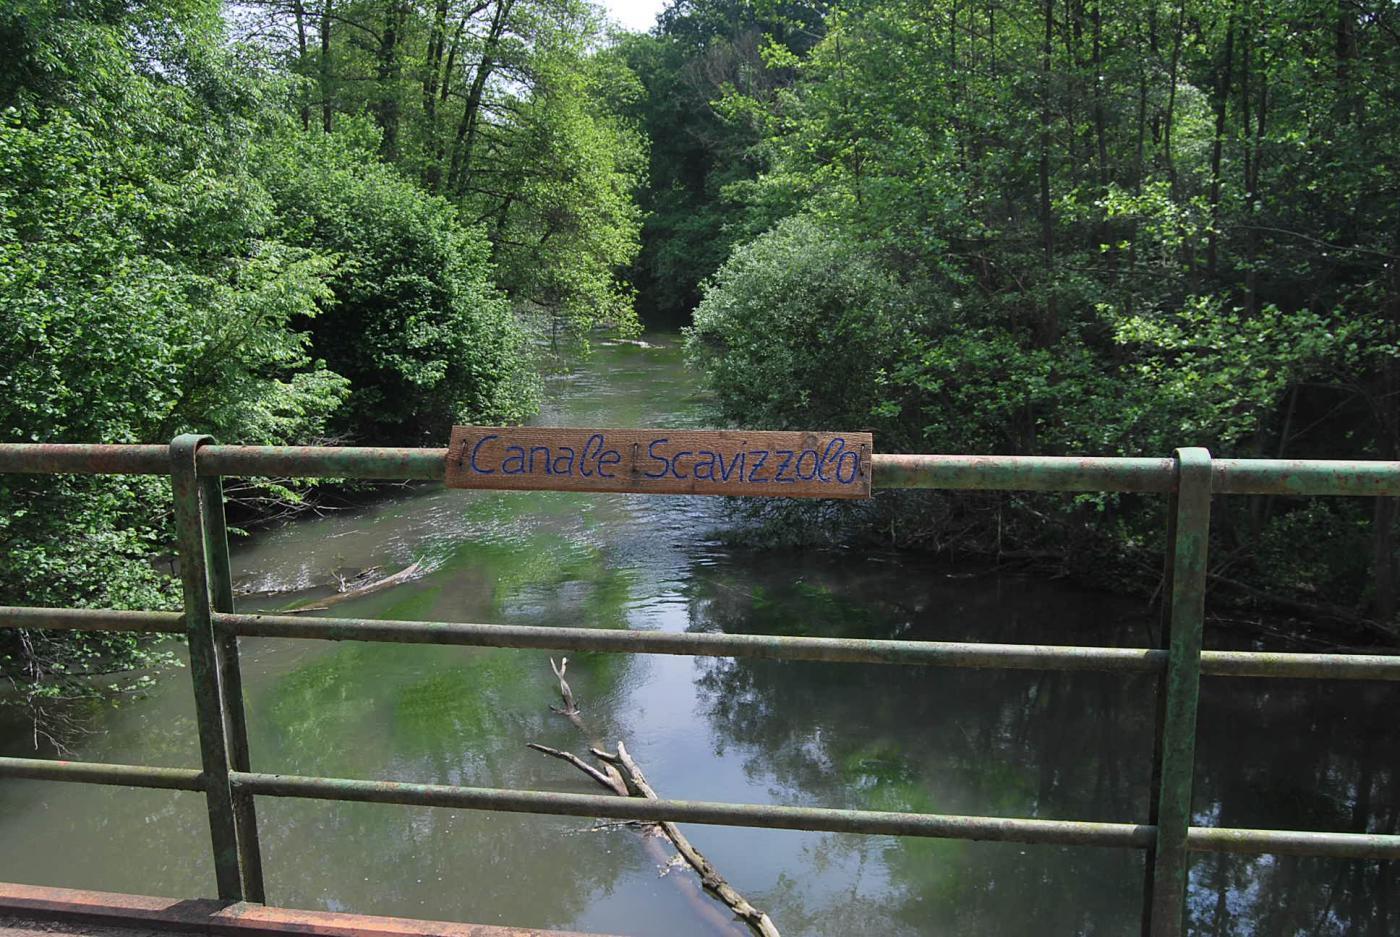 Sul ponte del Canale Scavizzolo, ormai quasi a Bereguardo